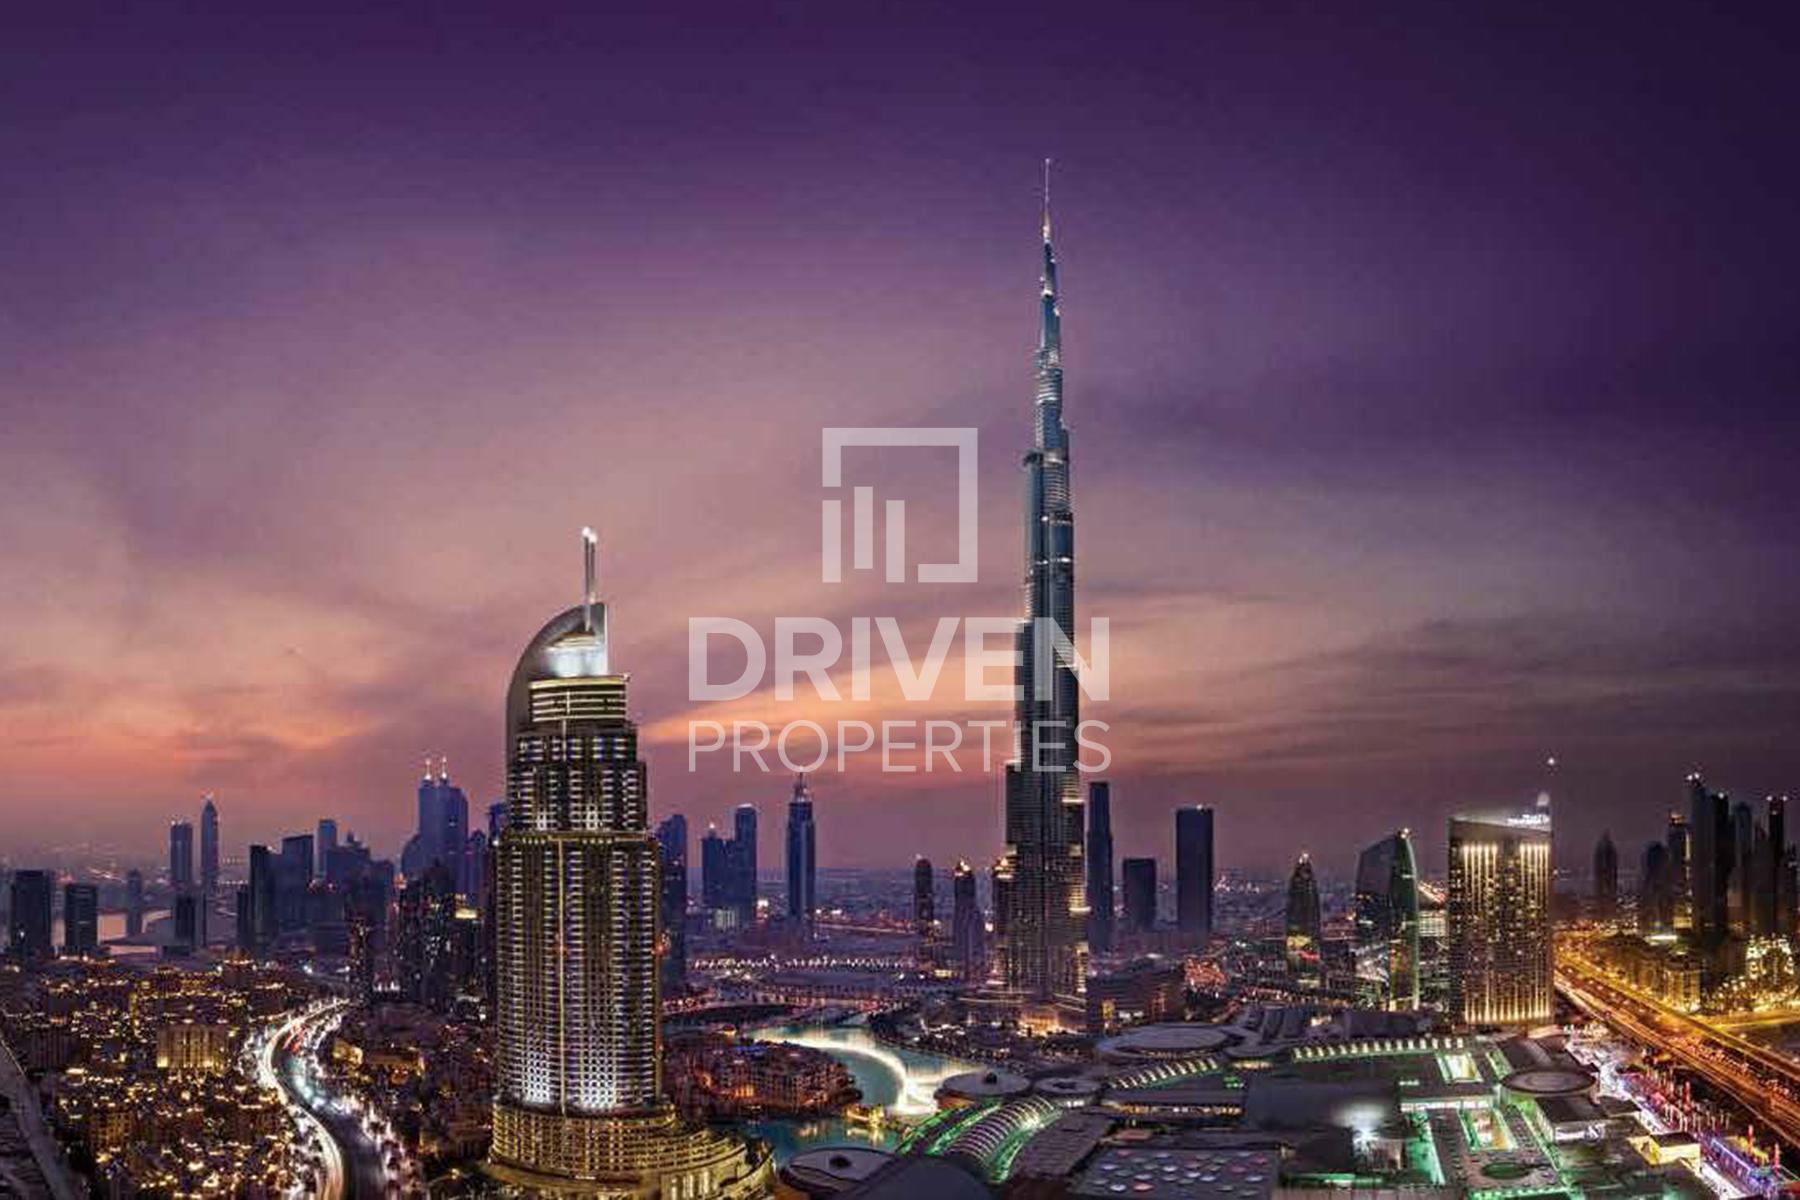 1,164 قدم مربع  شقة - للبيع - ميناء خور دبي